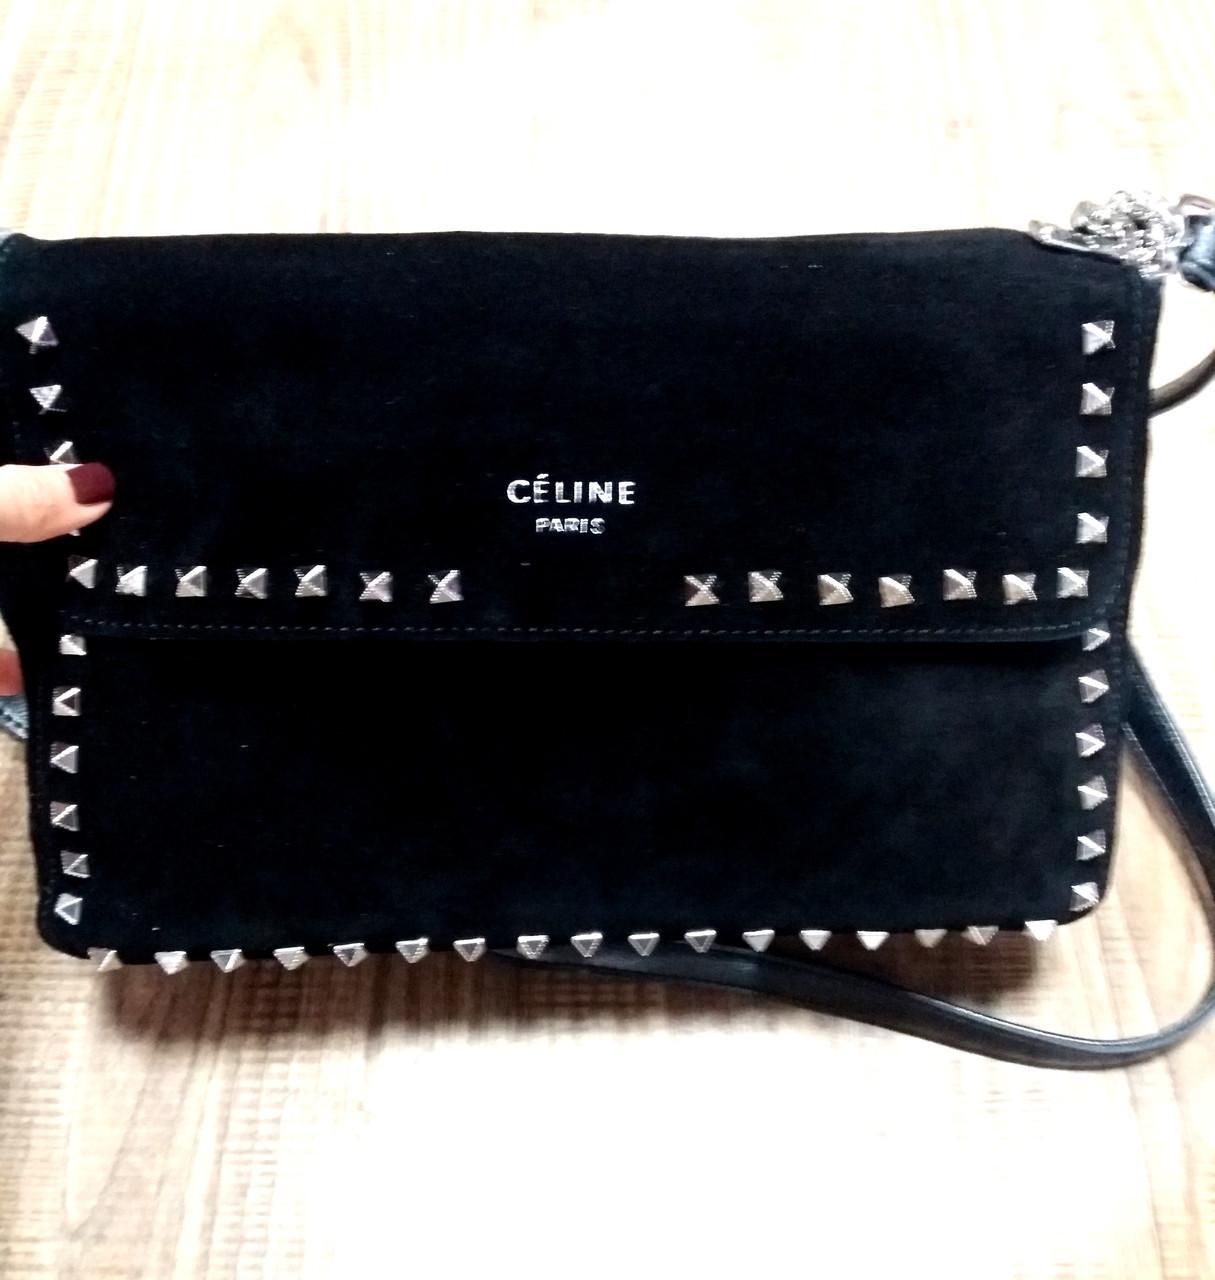 9f775b3fcc79 КЛАТЧ СУМКА Celine Селин замша в расцветках - ЧЕМОДАНЧИК - самые красивые  сумочки по самой приятной